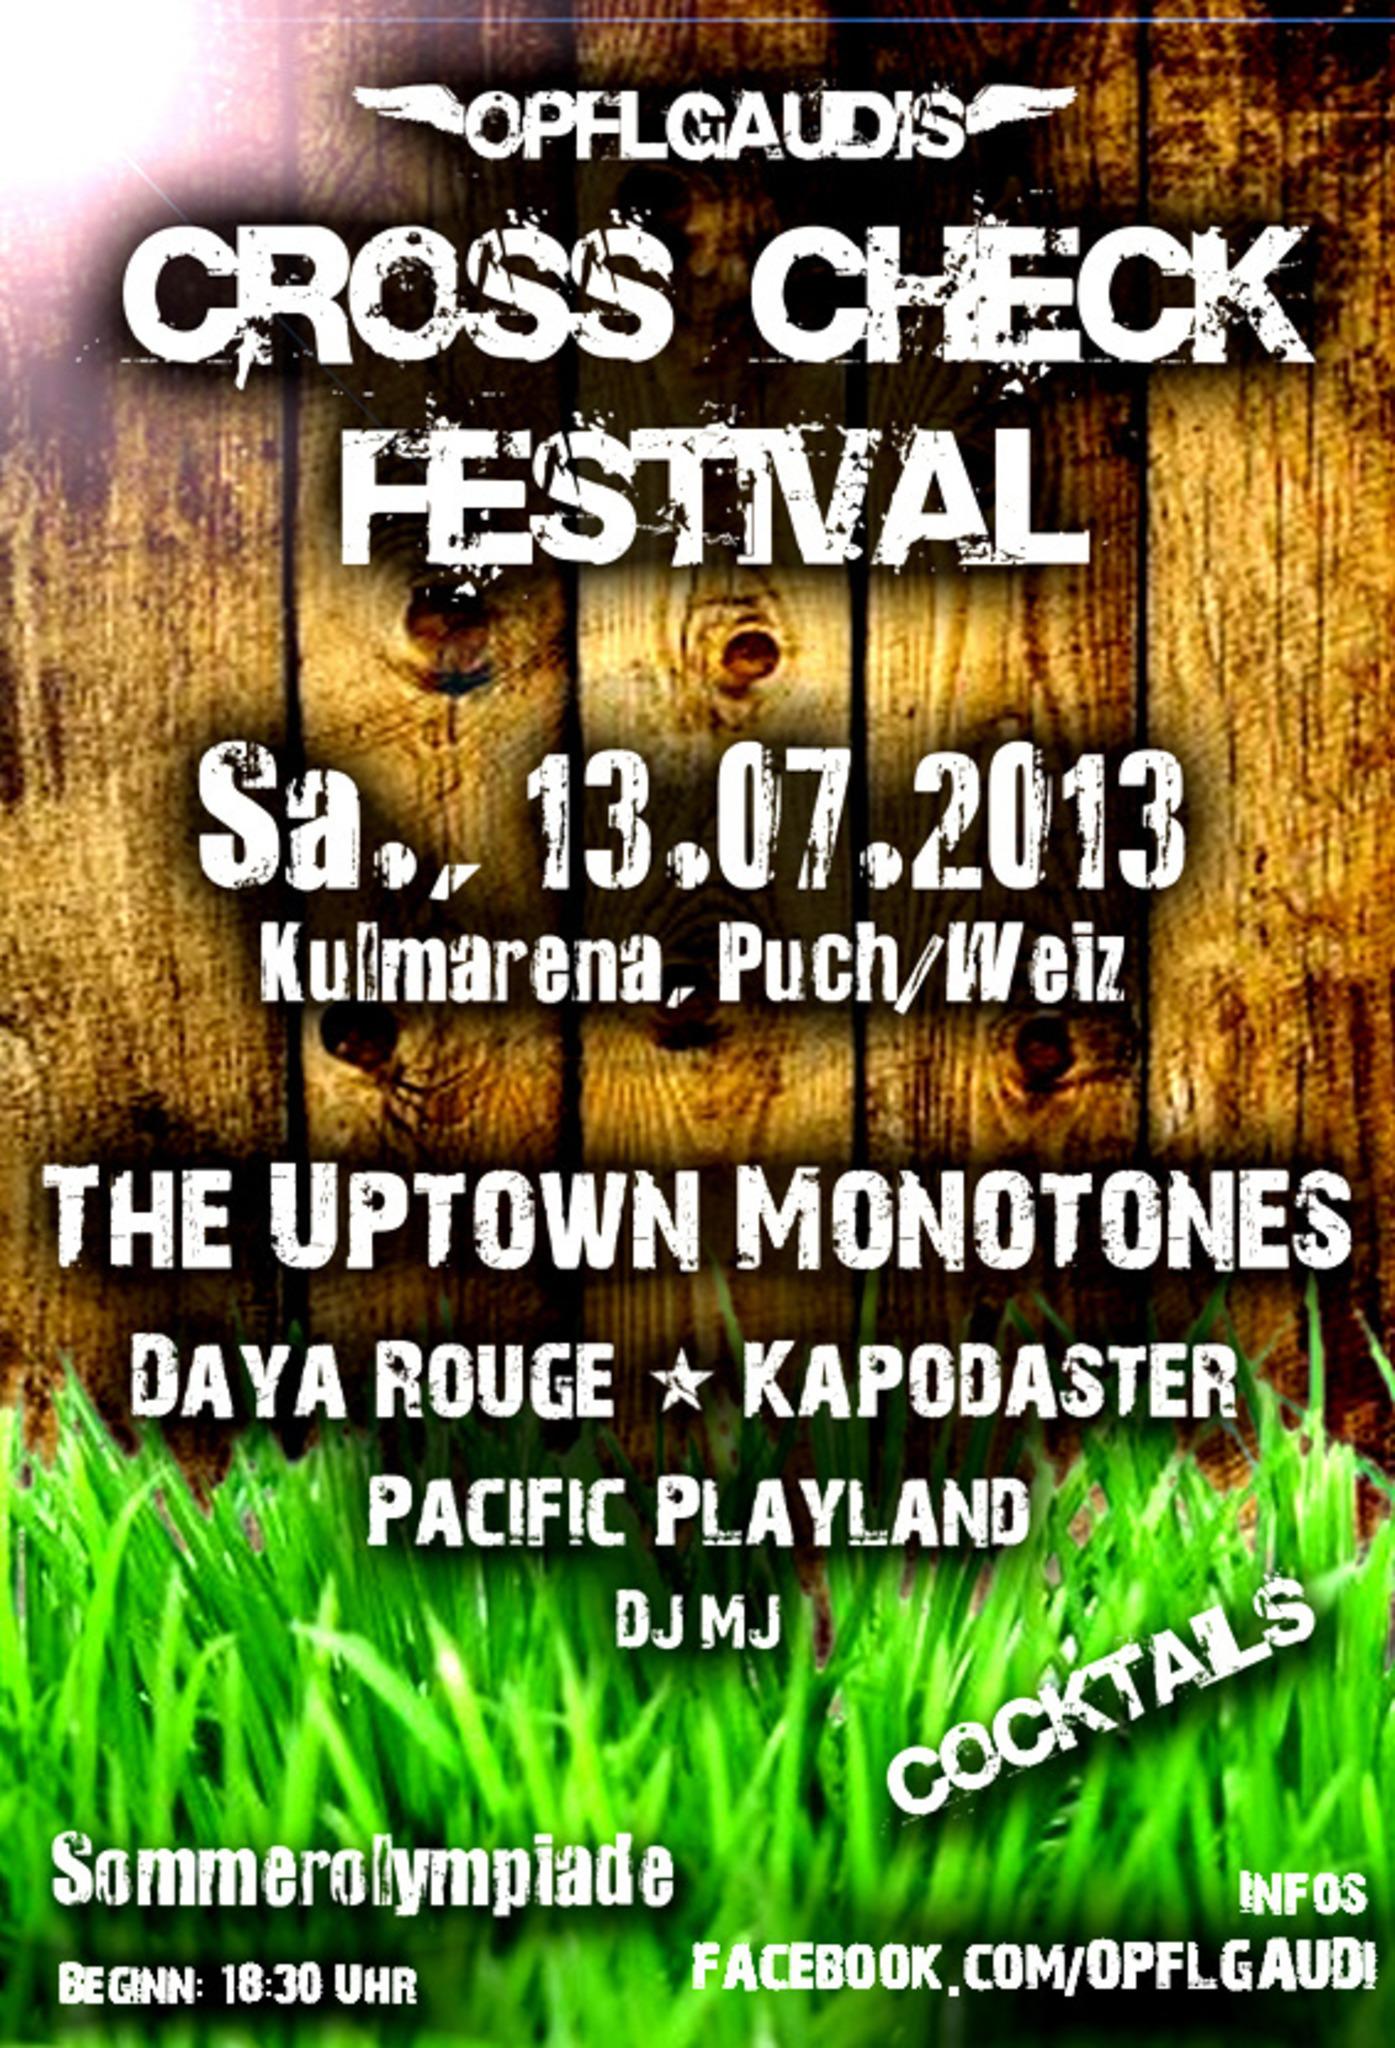 CROSS CHECK Festival 2013, 13  Juli - Weiz